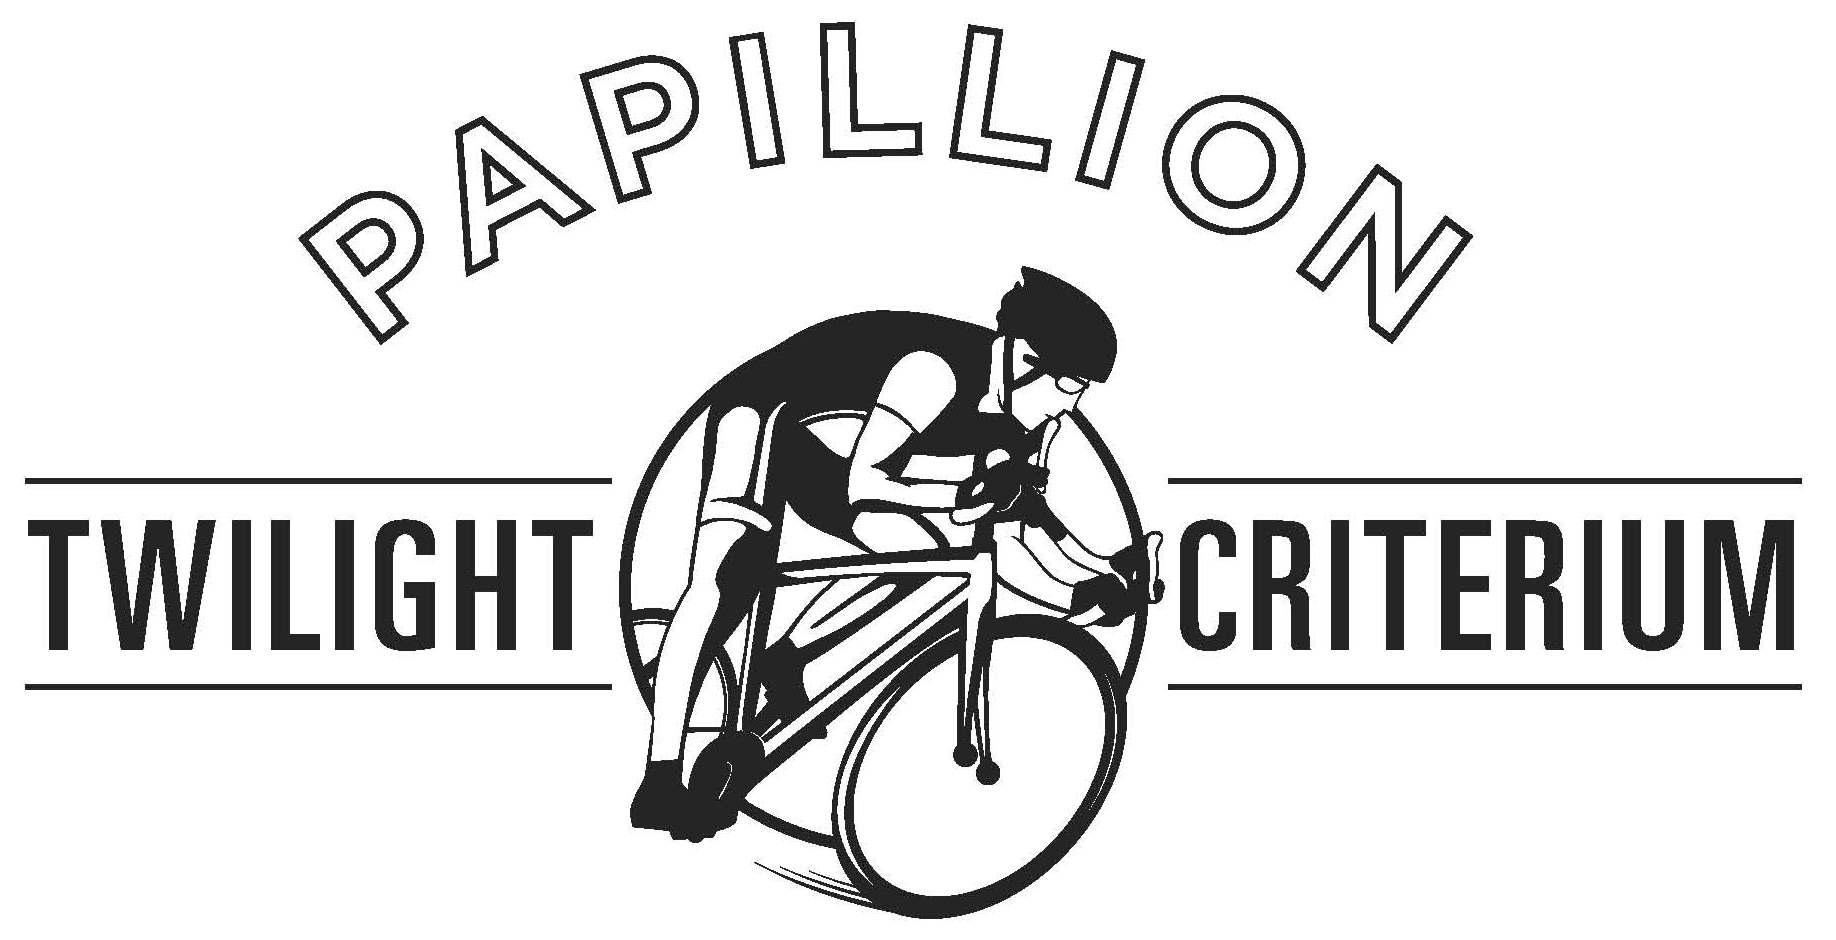 Criterium Clipart